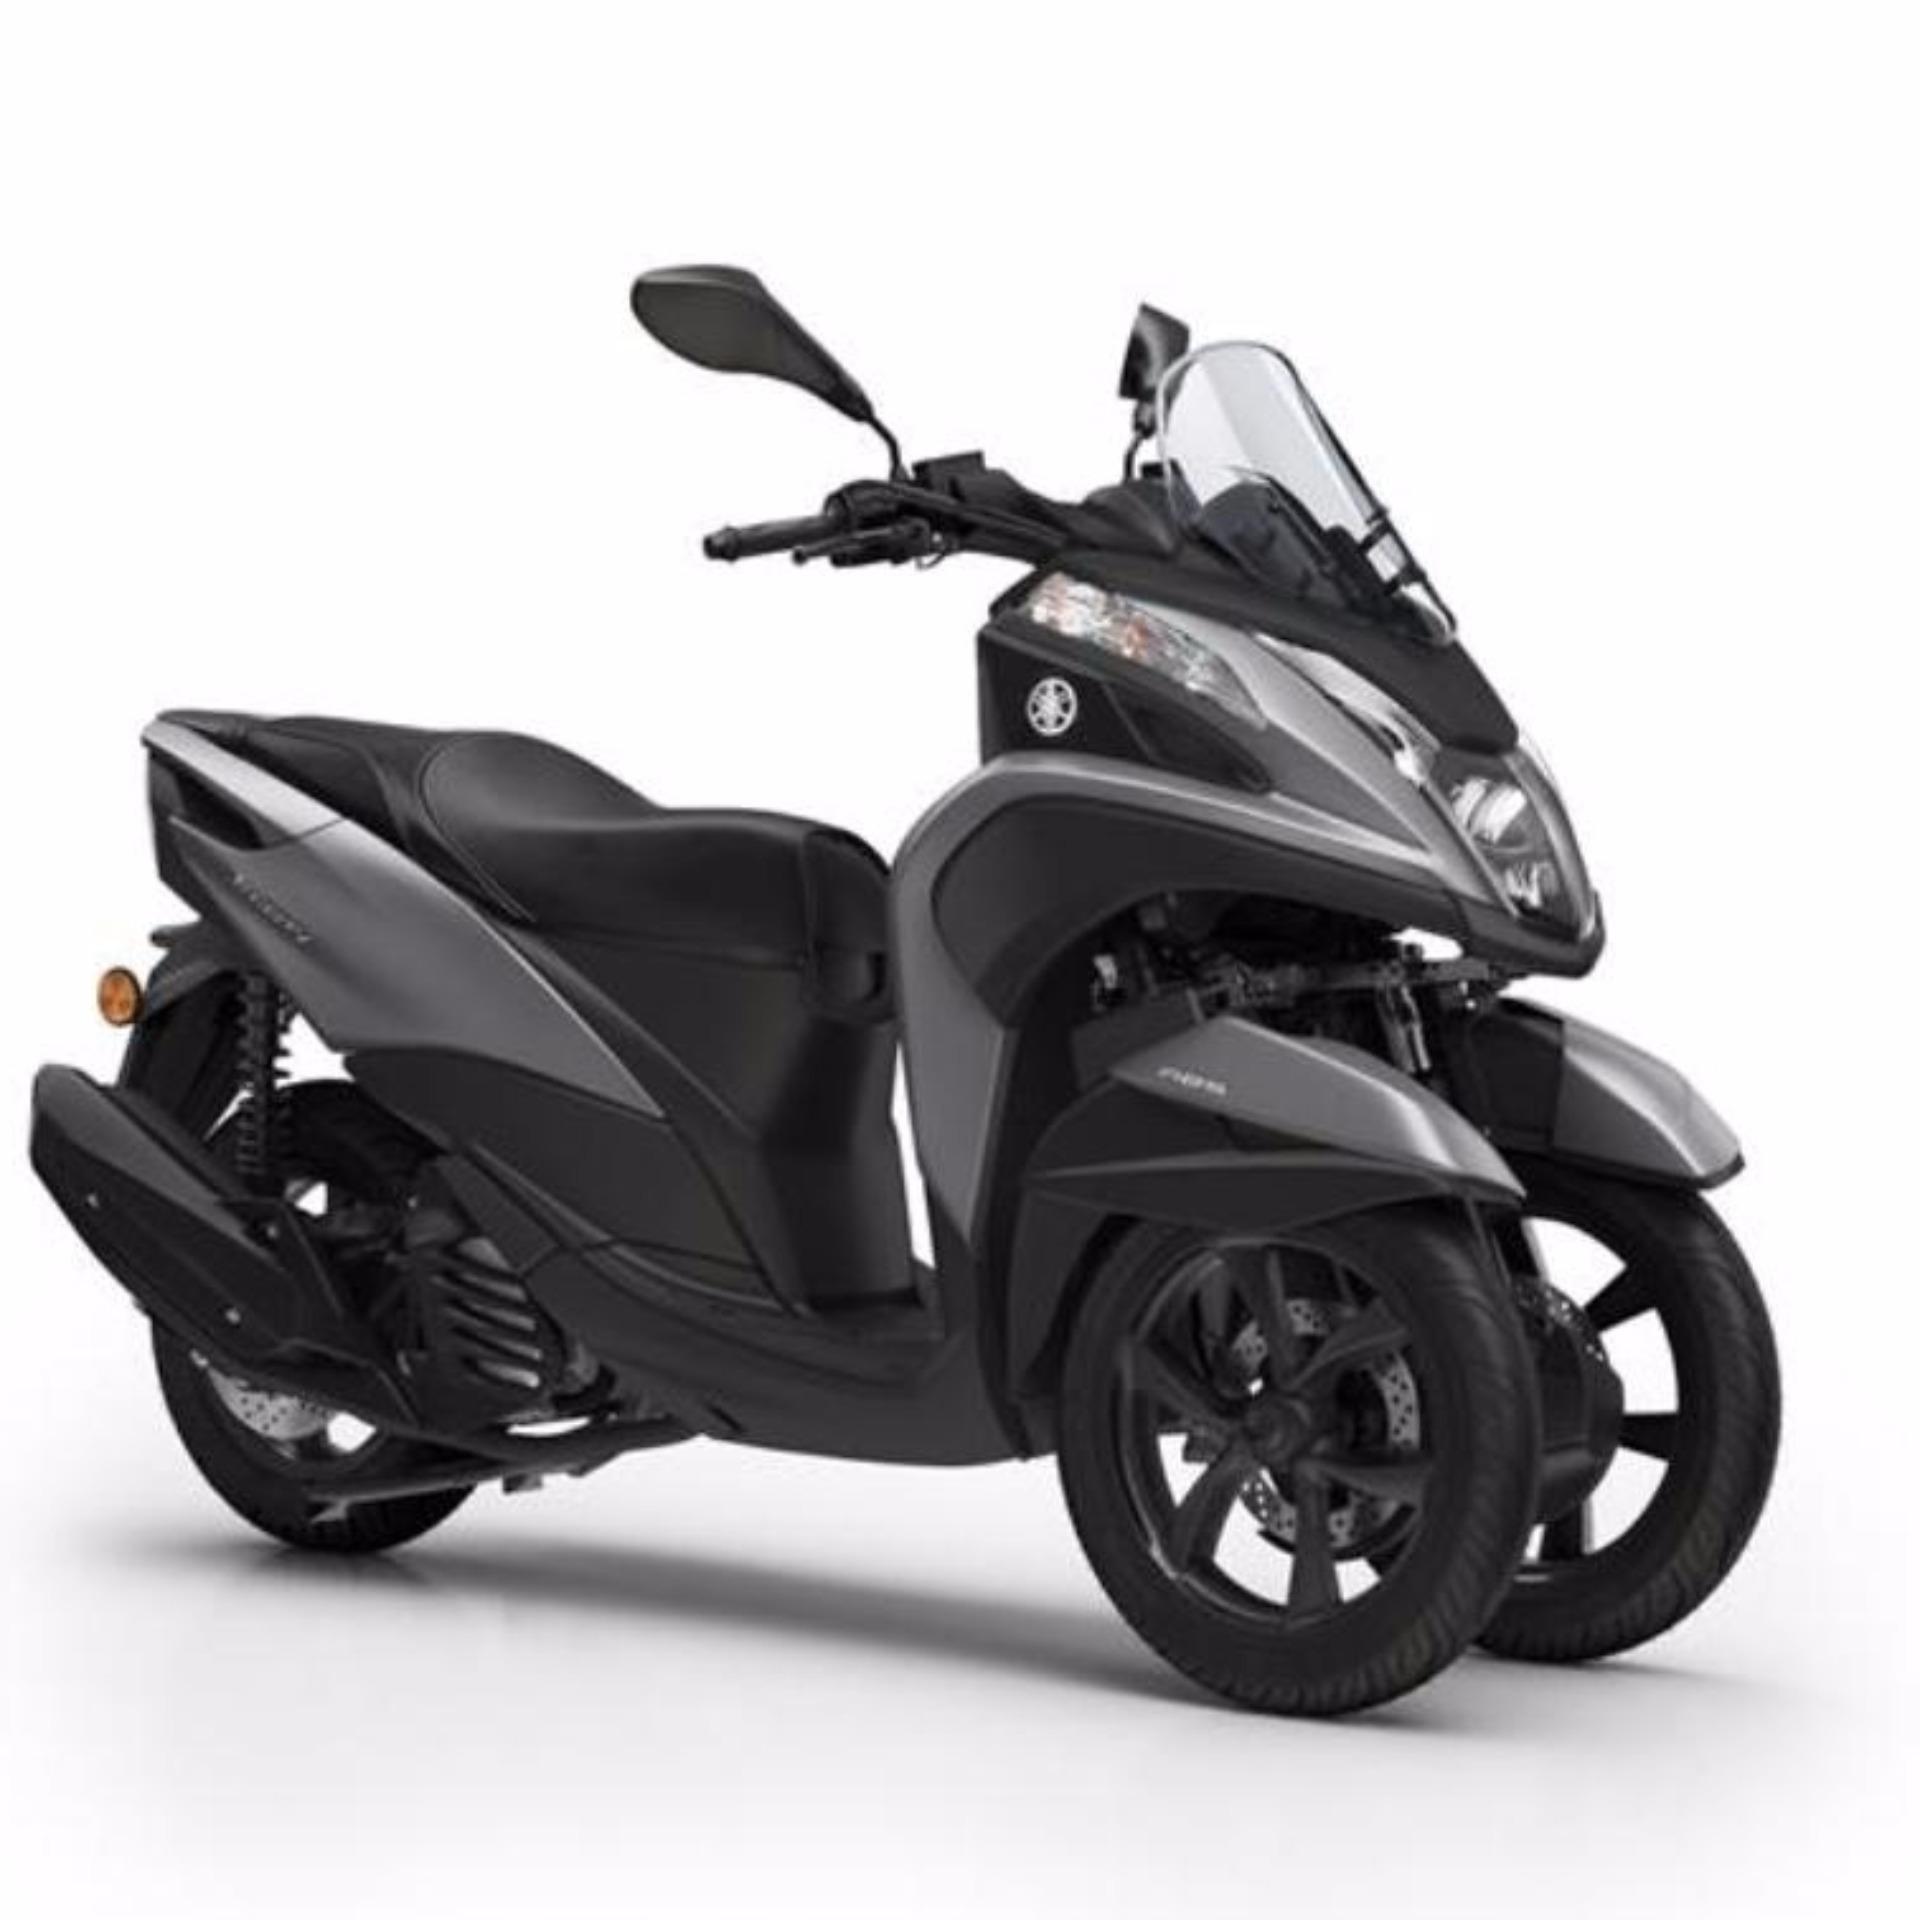 Honda All New Beat Esp Fi Pop Comic Cw Tone Black Vario 110 Cbs Iss Grande White Depok Menggunakan Pembakaran Tsi Dan Vva Yamaha Mew Tricity 155 2016